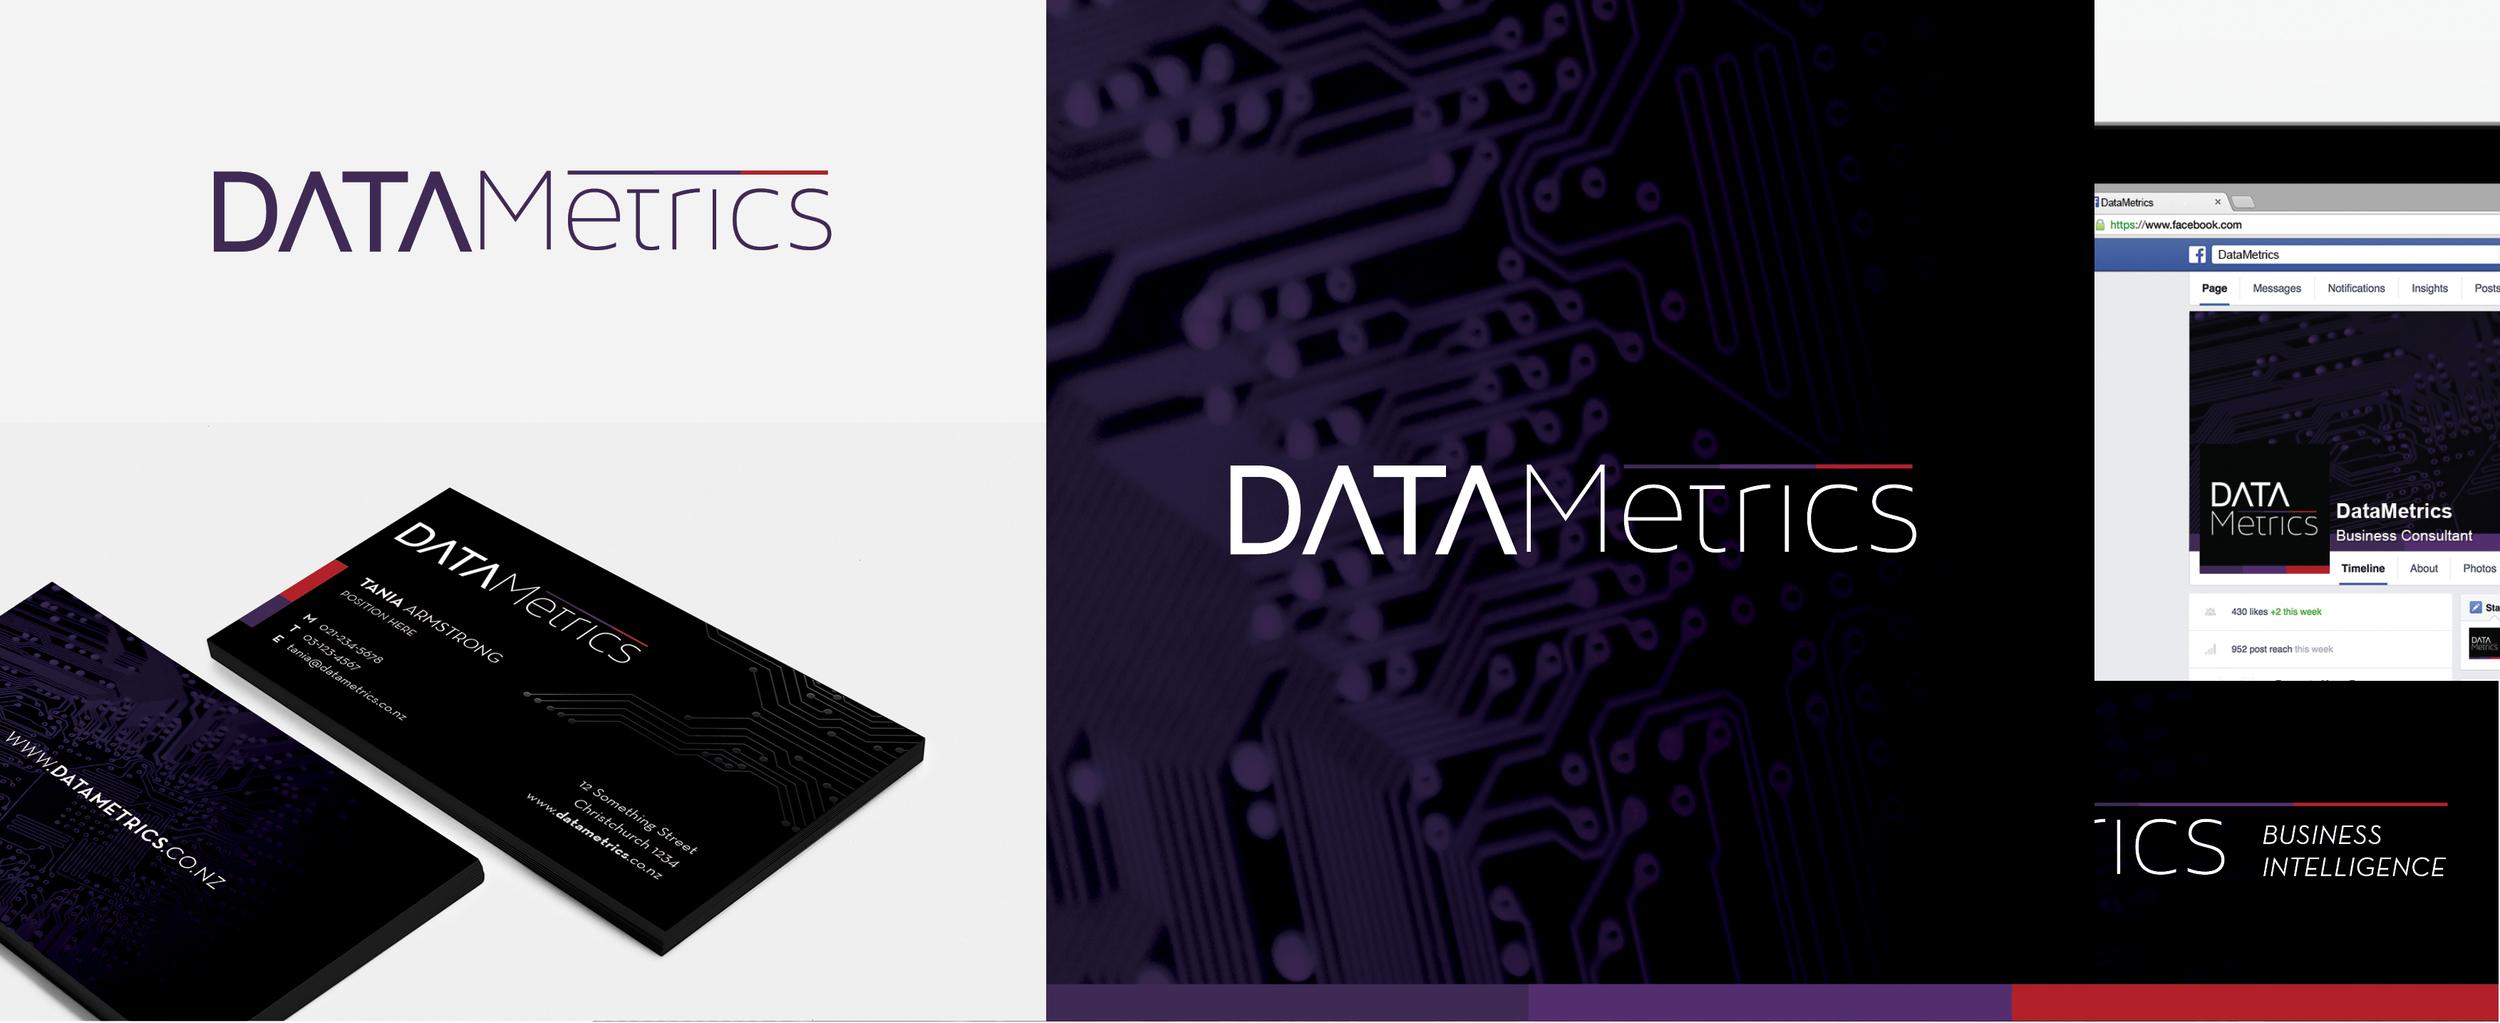 Datametric-design.jpg